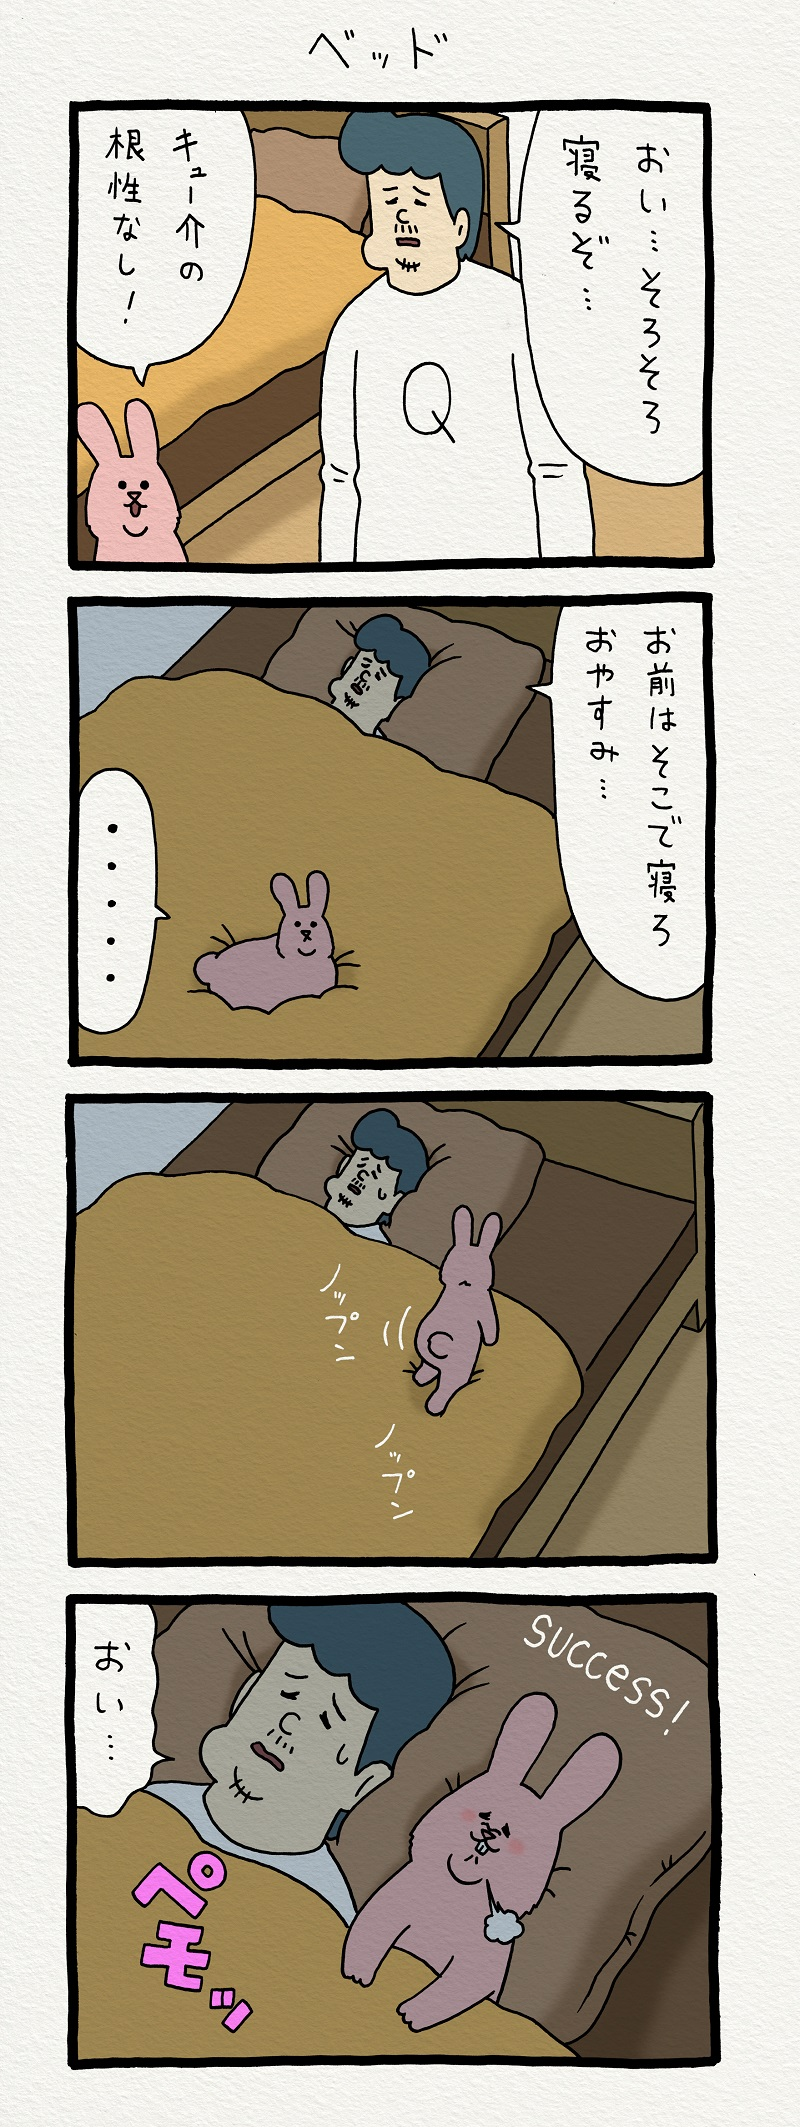 キューライスとスキウサギ「冬の就寝前の1コマ」